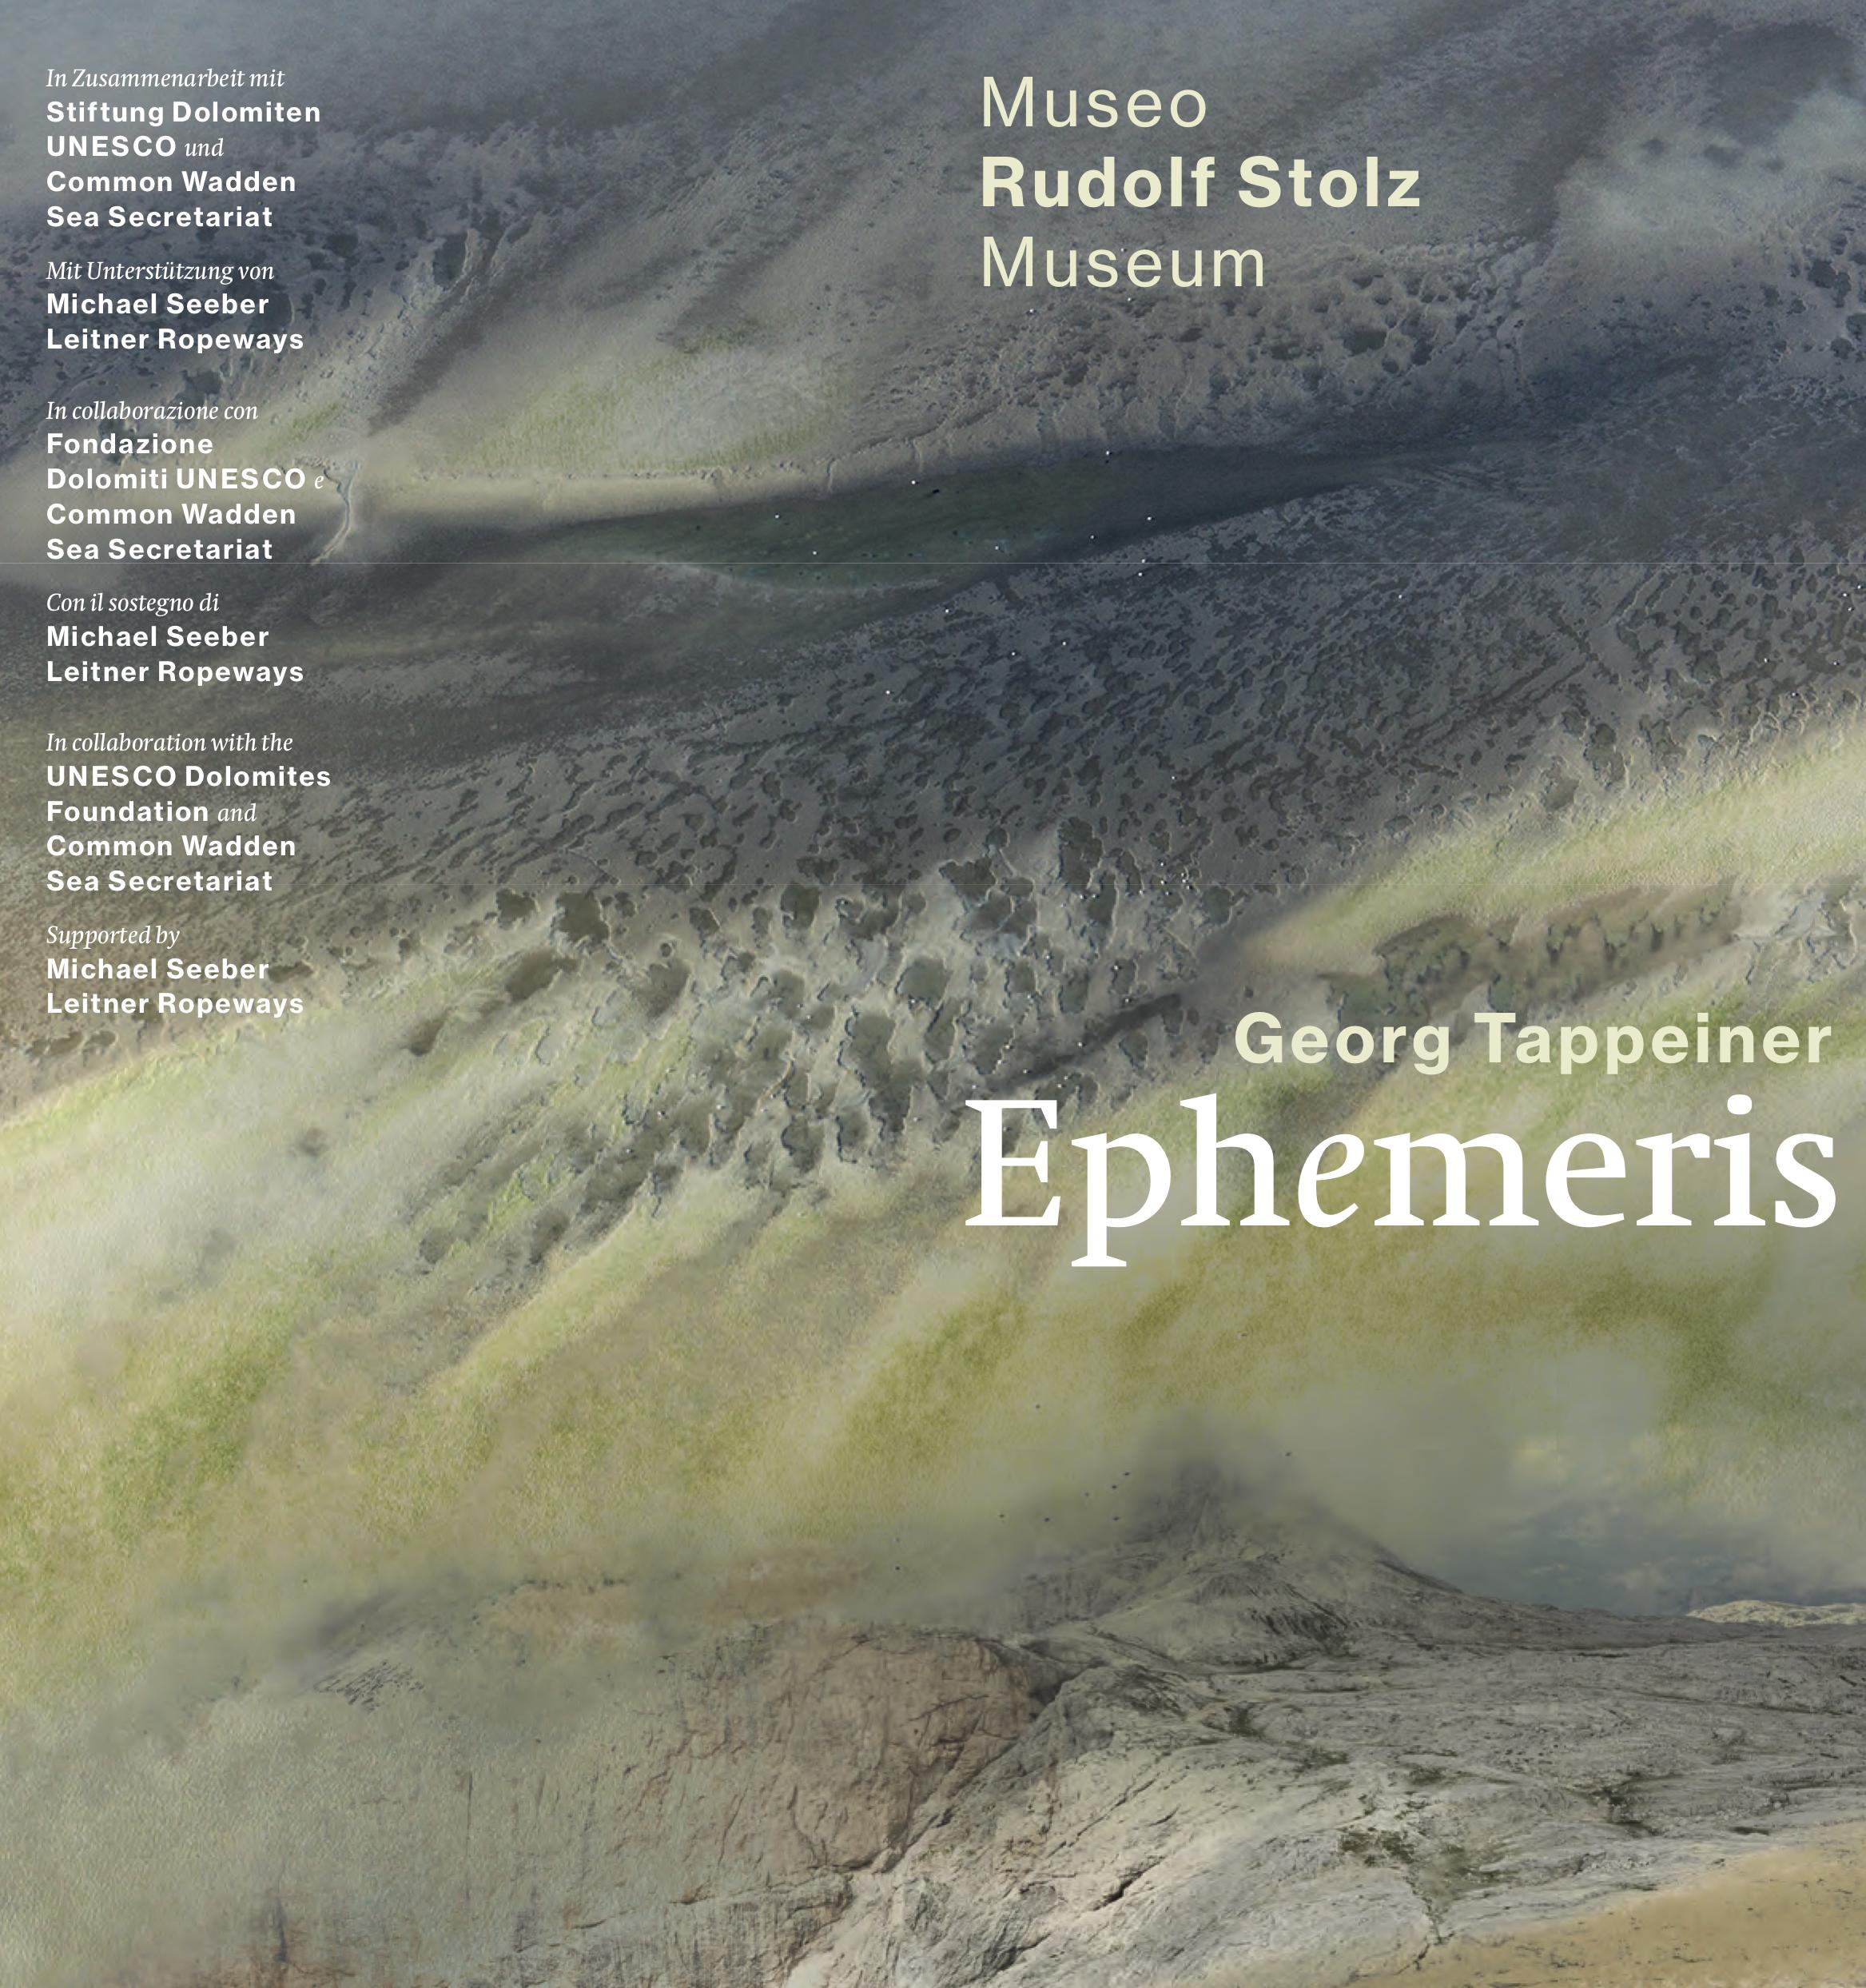 waddensea_dolomiti_tappeiner